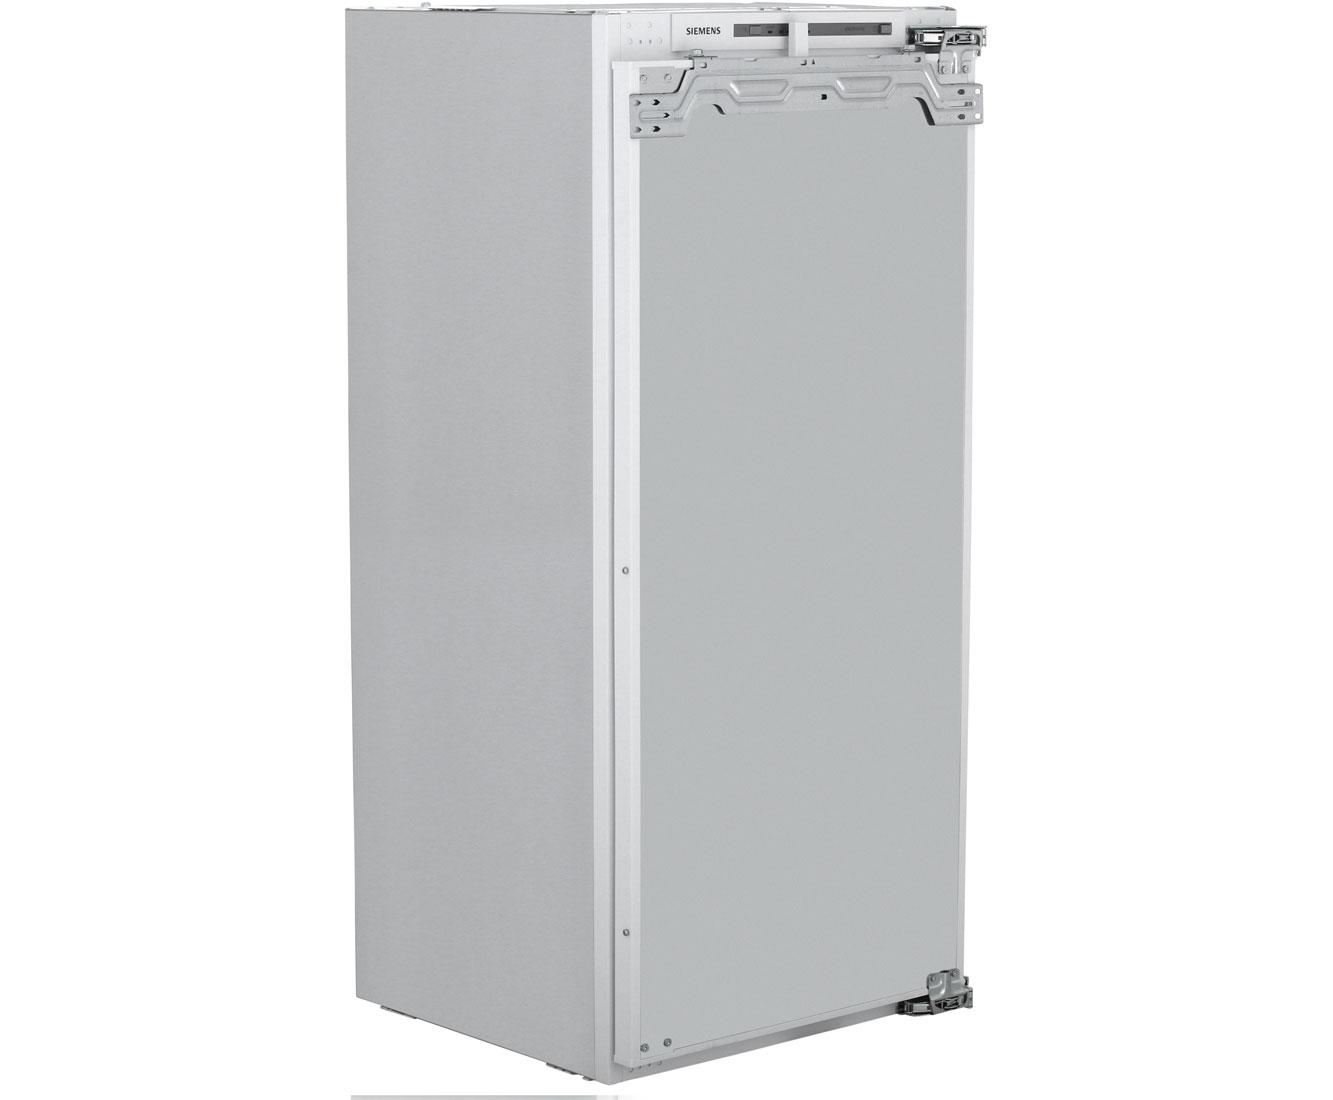 Siemens Kühlschrank Groß : Siemens iq300 ki42lvf30 einbau kühlschrank mit gefrierfach 122er